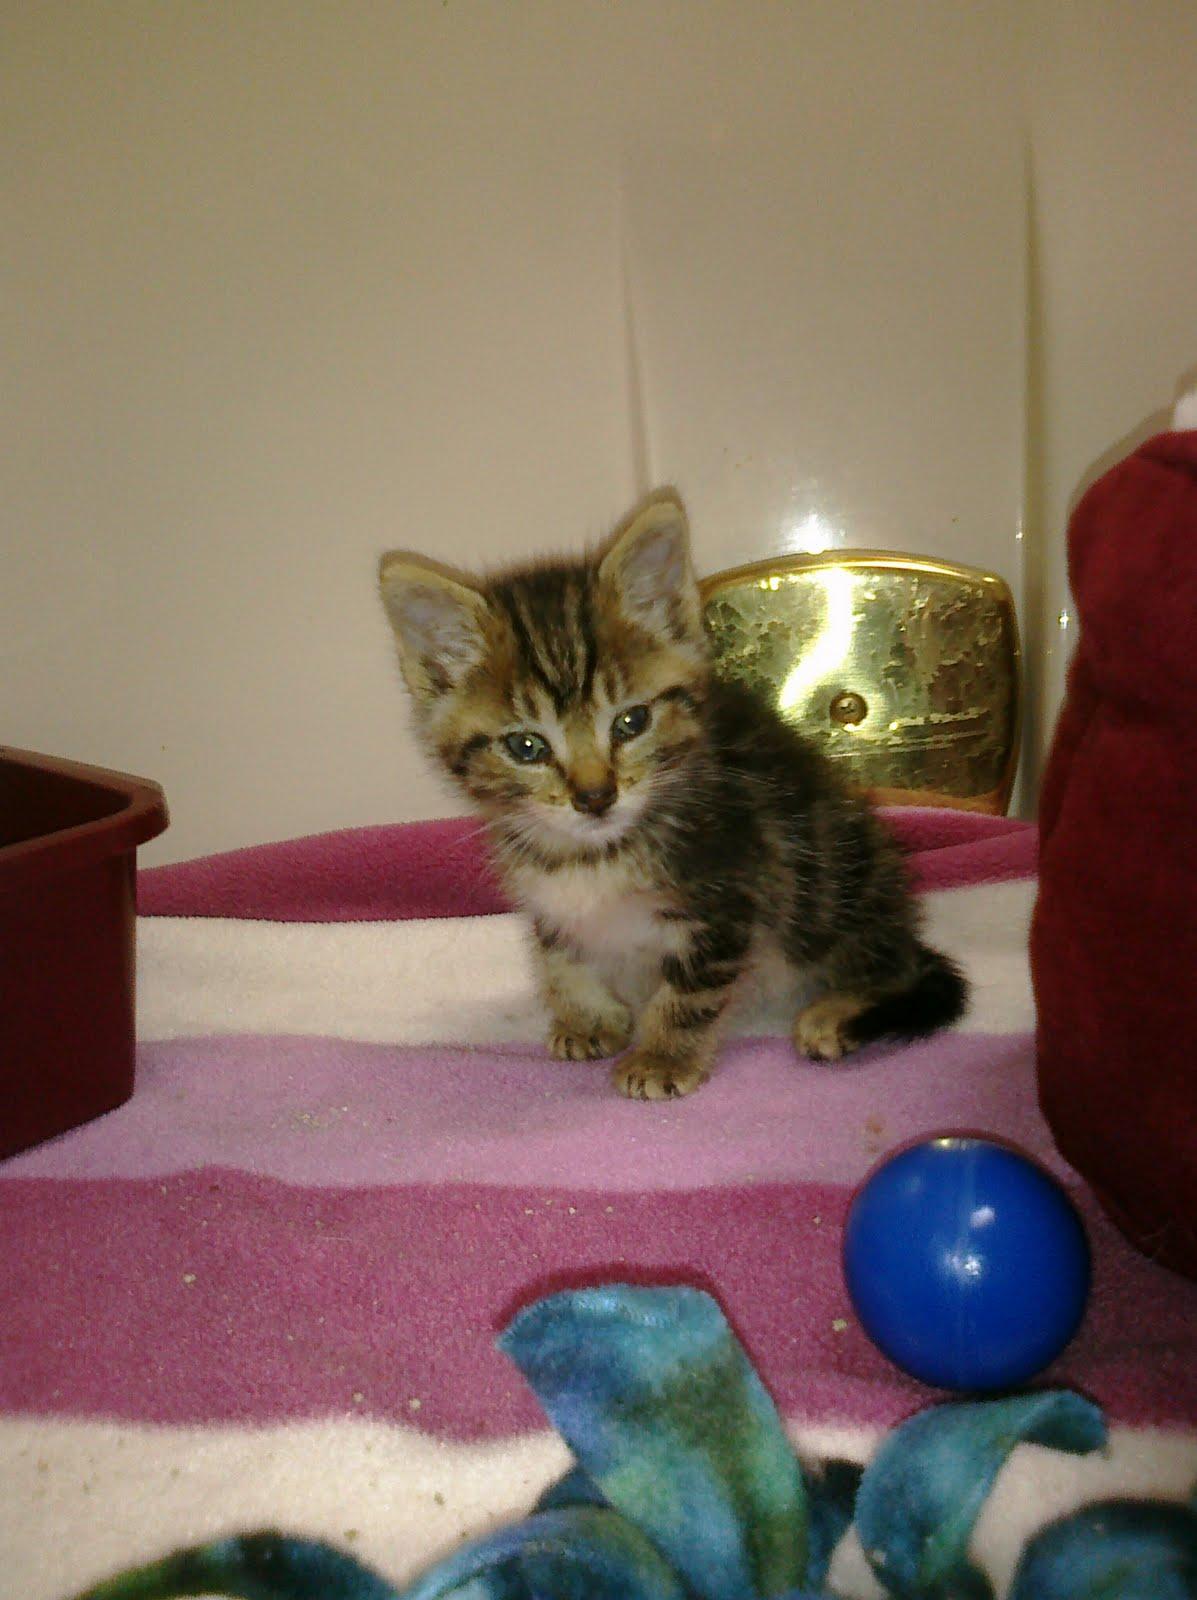 Feline Rescue Cat Tales The Cutest Kitten Ever